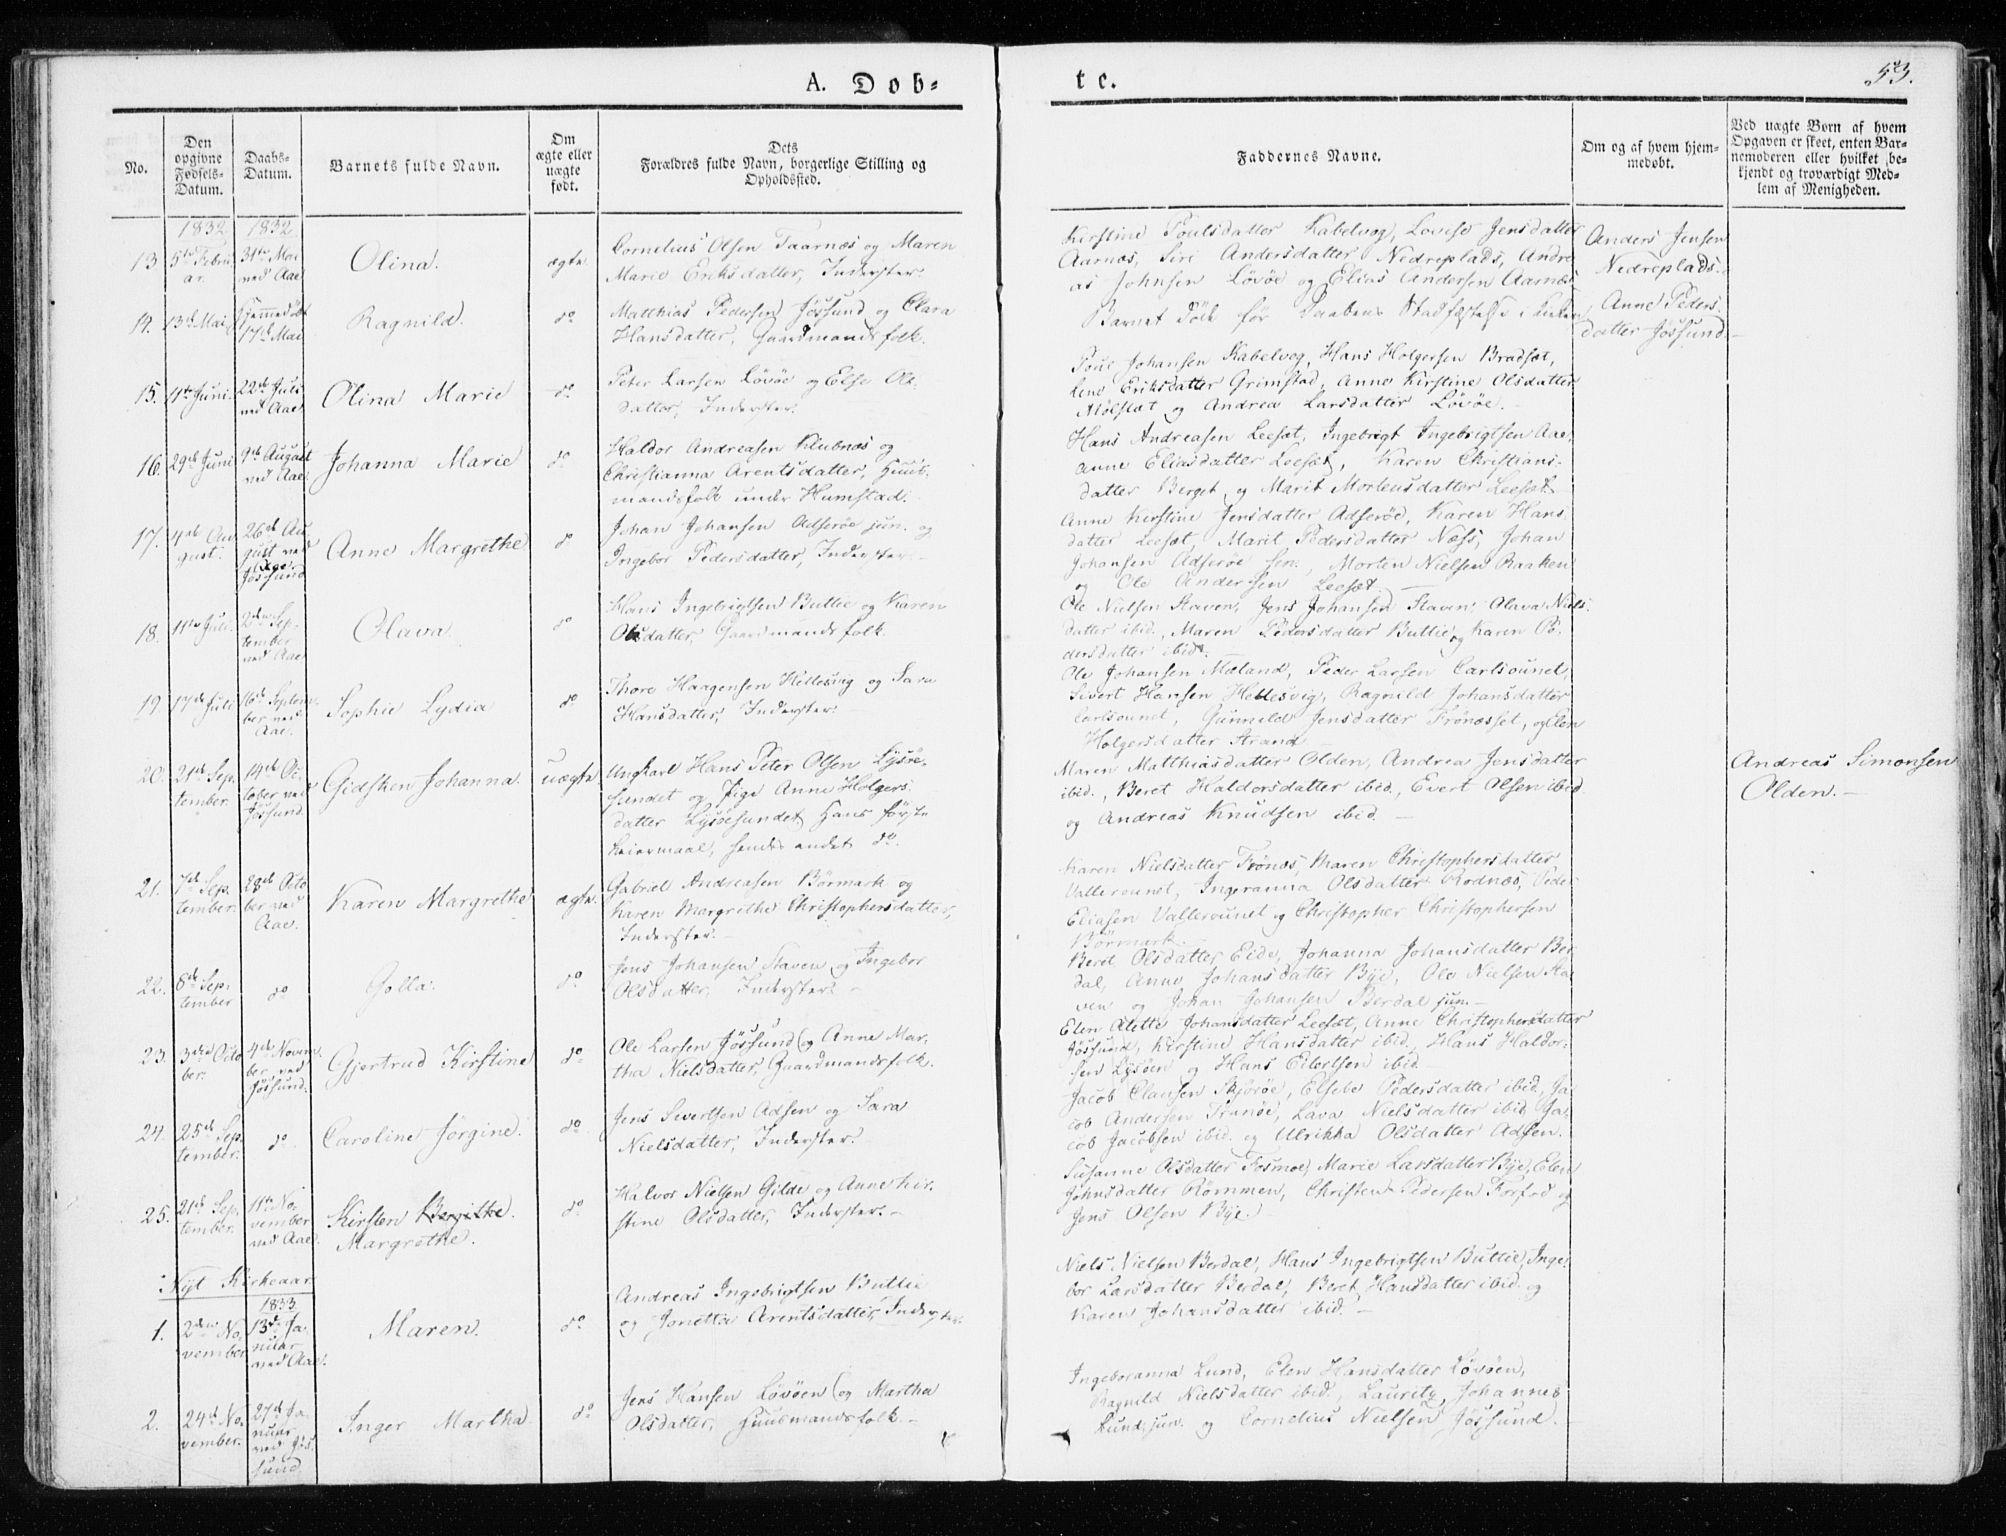 SAT, Ministerialprotokoller, klokkerbøker og fødselsregistre - Sør-Trøndelag, 655/L0676: Ministerialbok nr. 655A05, 1830-1847, s. 53